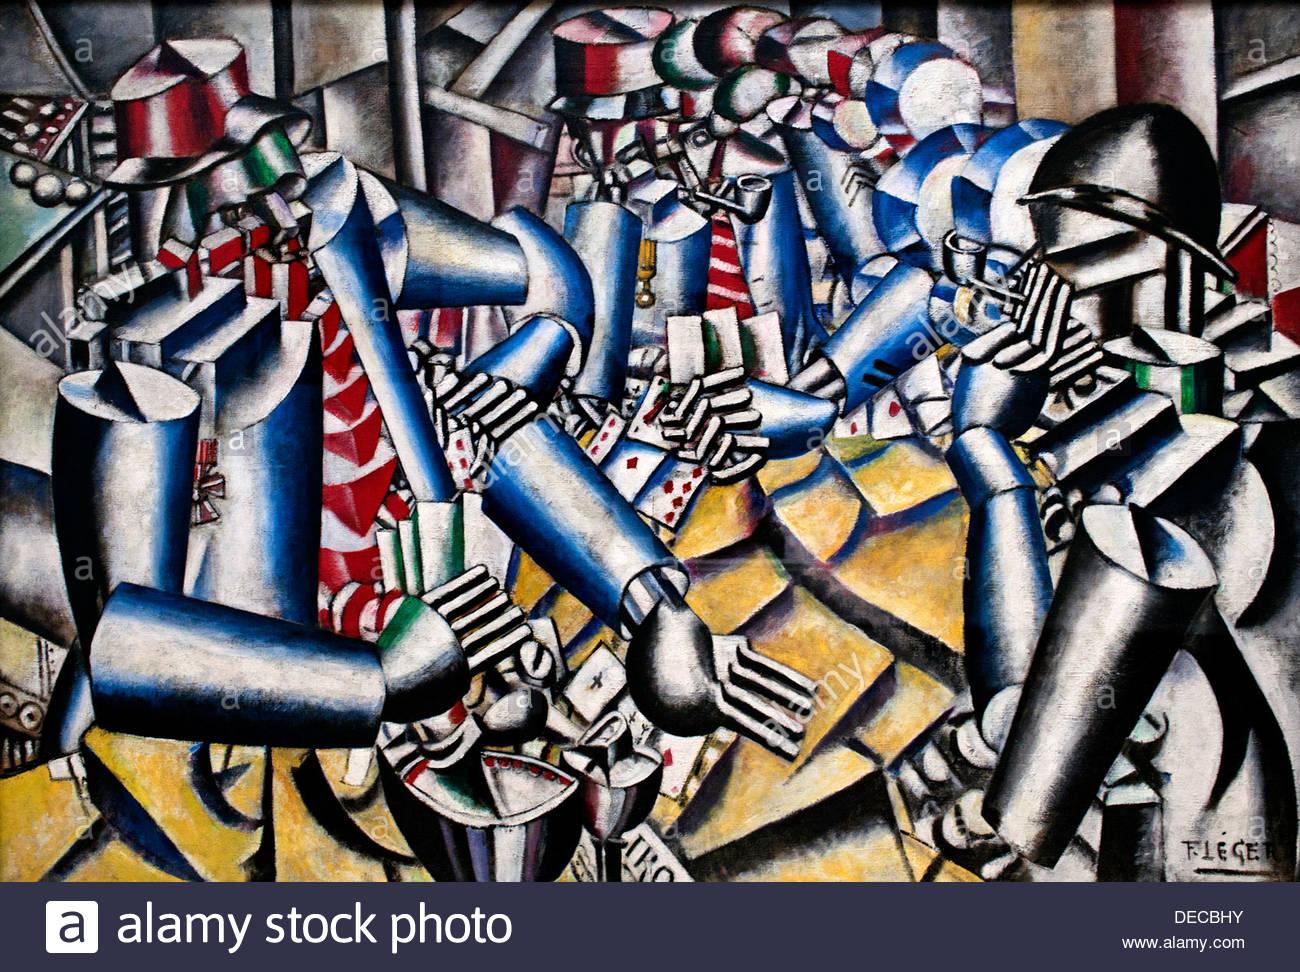 la partie de carte Soldiers playing cards   La Partie de cartes 1917 Fernand Léger